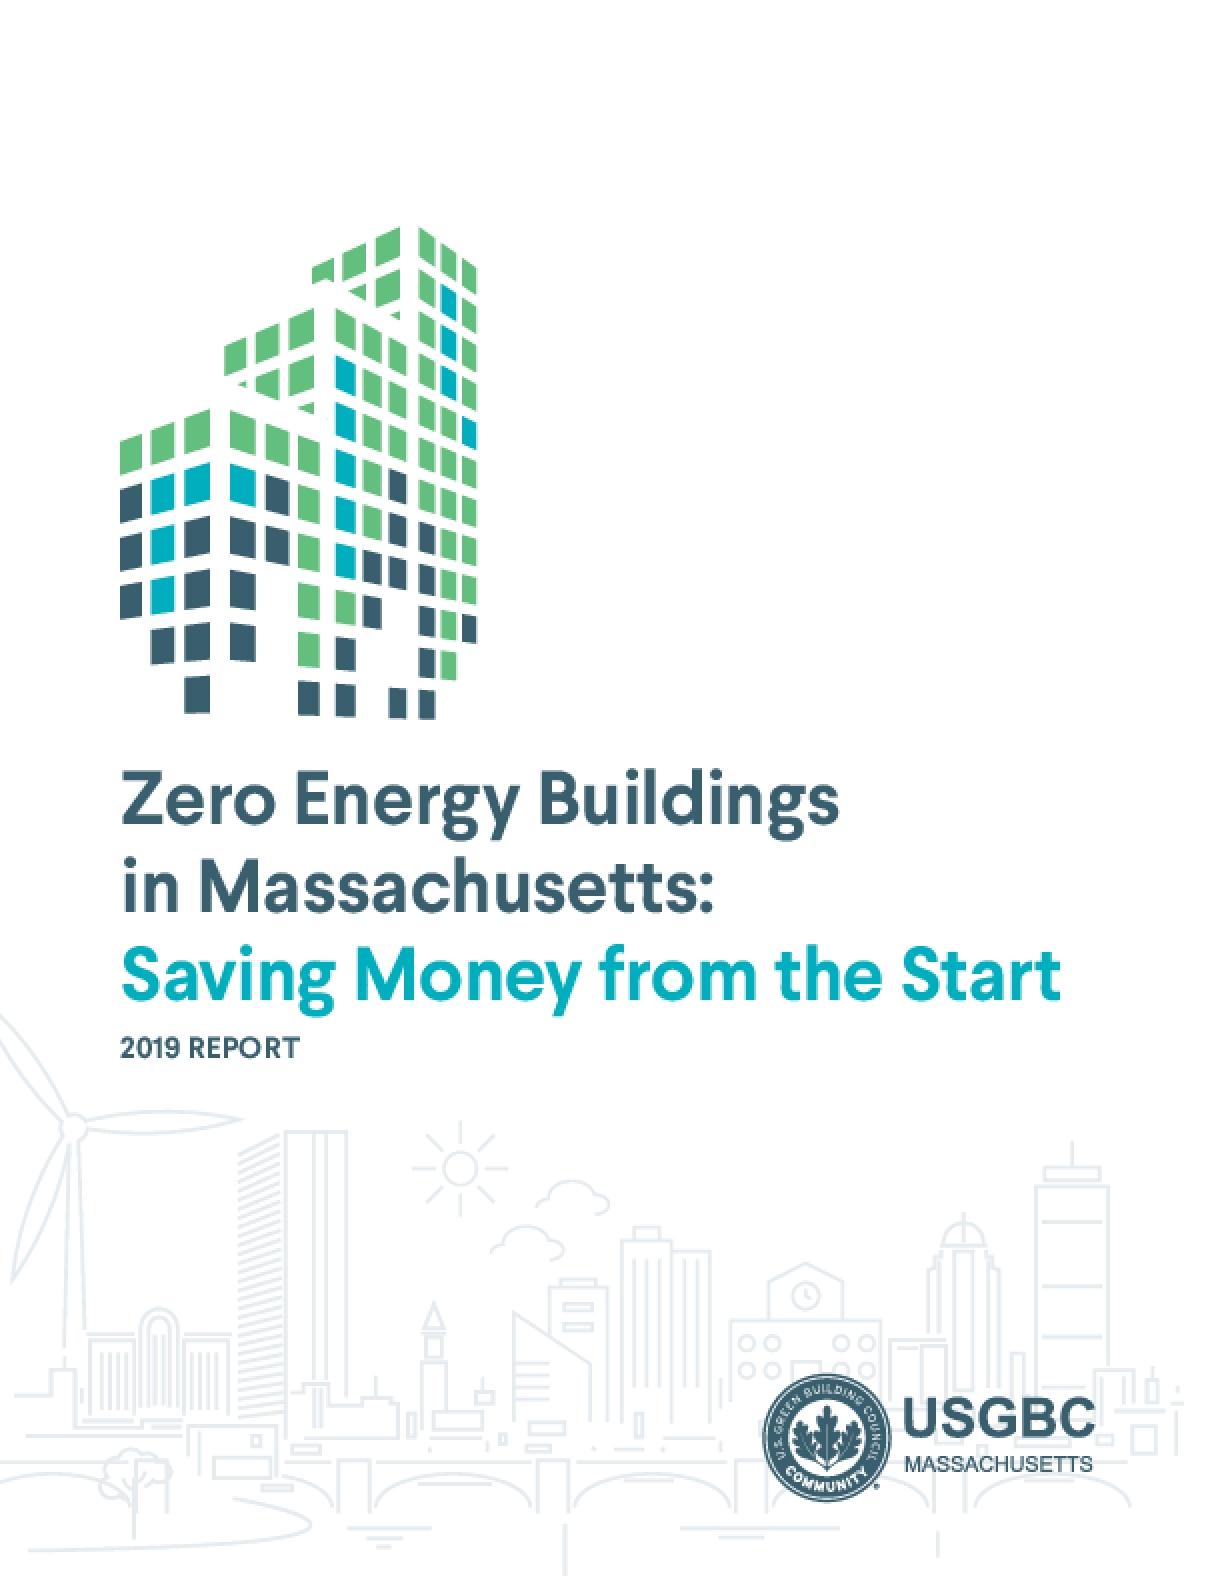 Zero Energy Buildings in Massachusetts: Saving Money from the Start